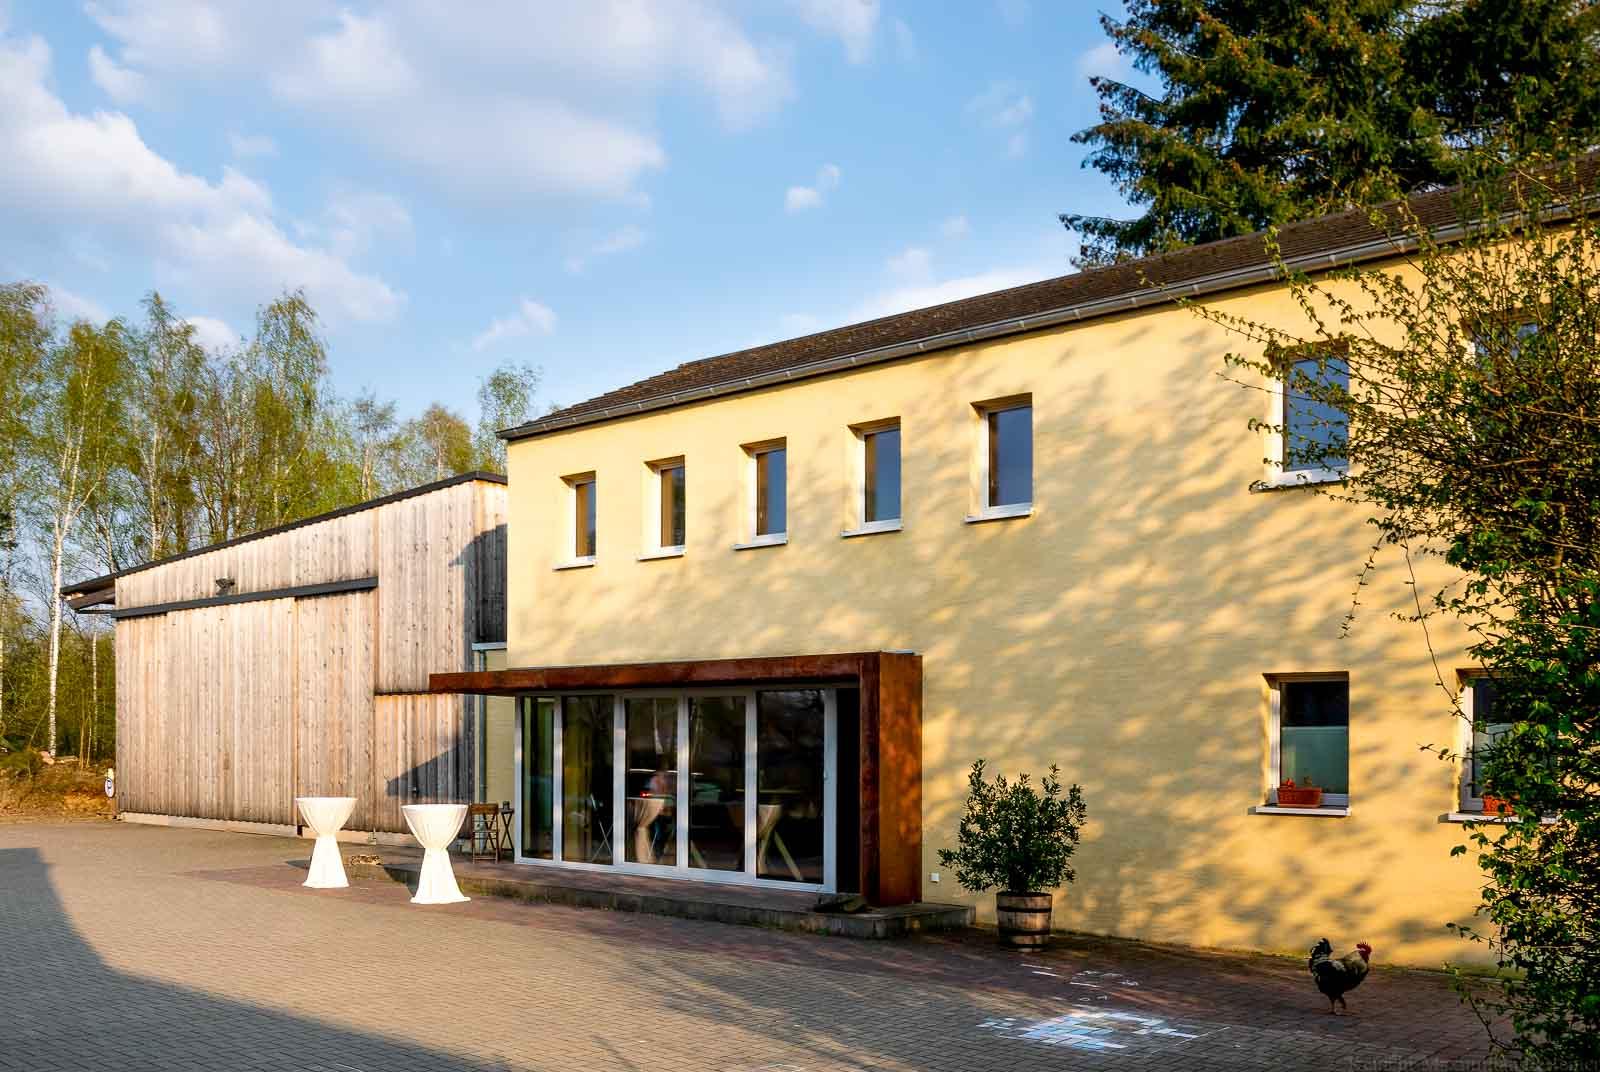 Guthaus des Weingutes Dr. Frey mit Bäumen und Wolken am Himmel.